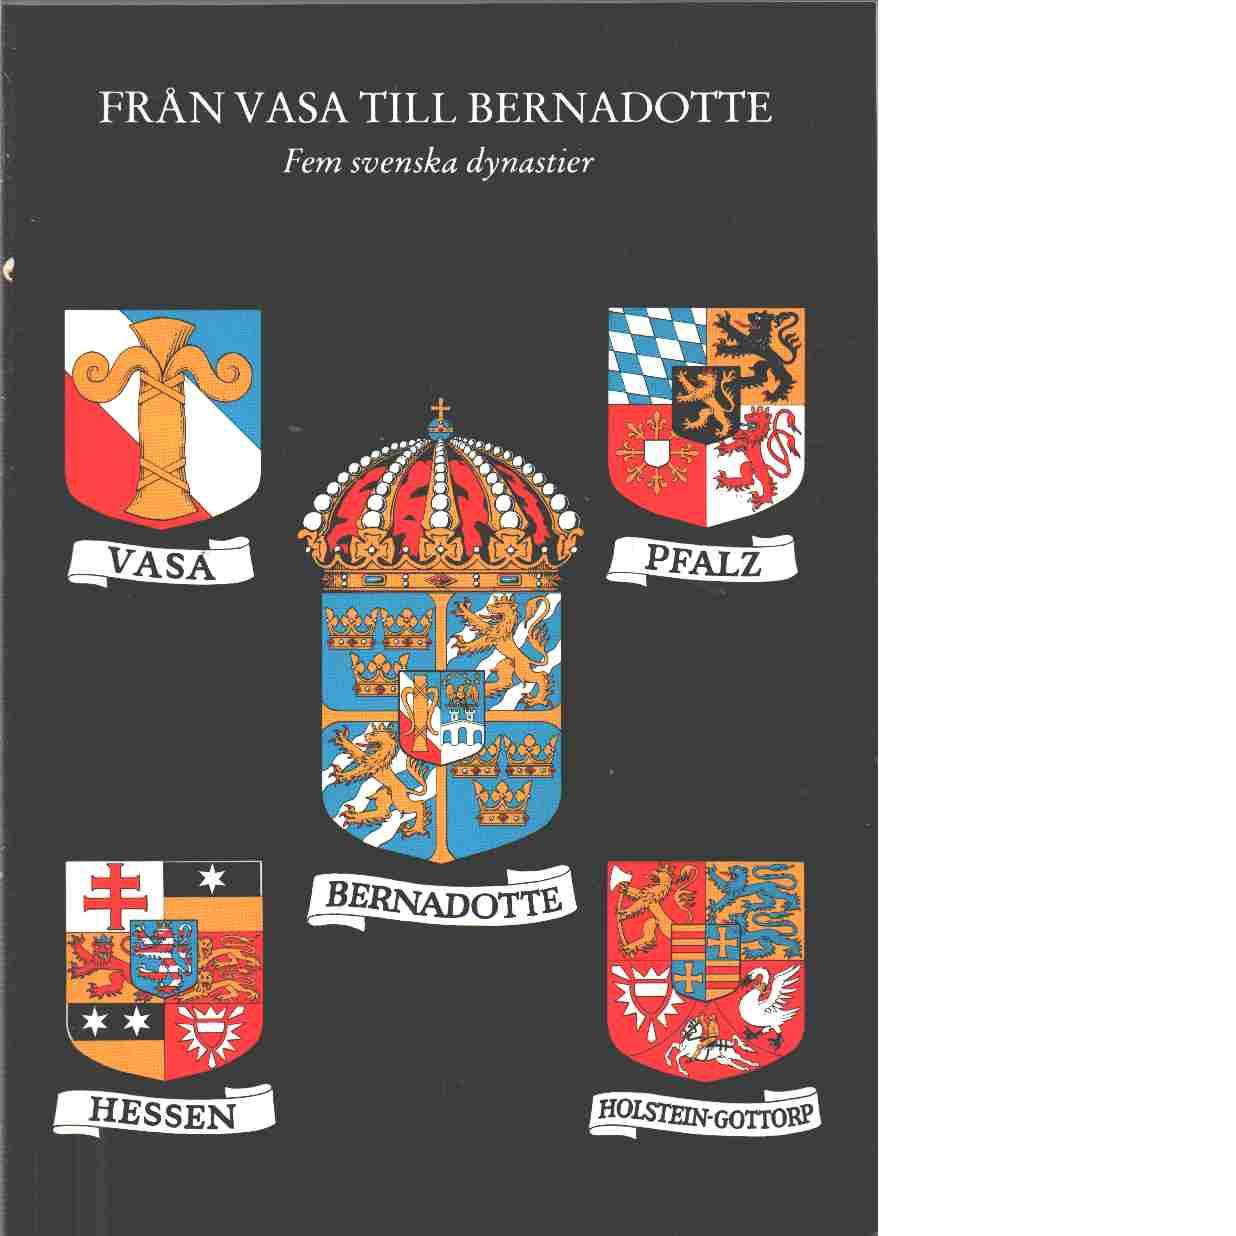 Från Vasa till Bernadotte : fem svenska dynastier / utg. av Husgerådskammaren med Skattkammaren och Bernadottebiblioteket - Red. Heymowski, Adam och Landergren, Ulla